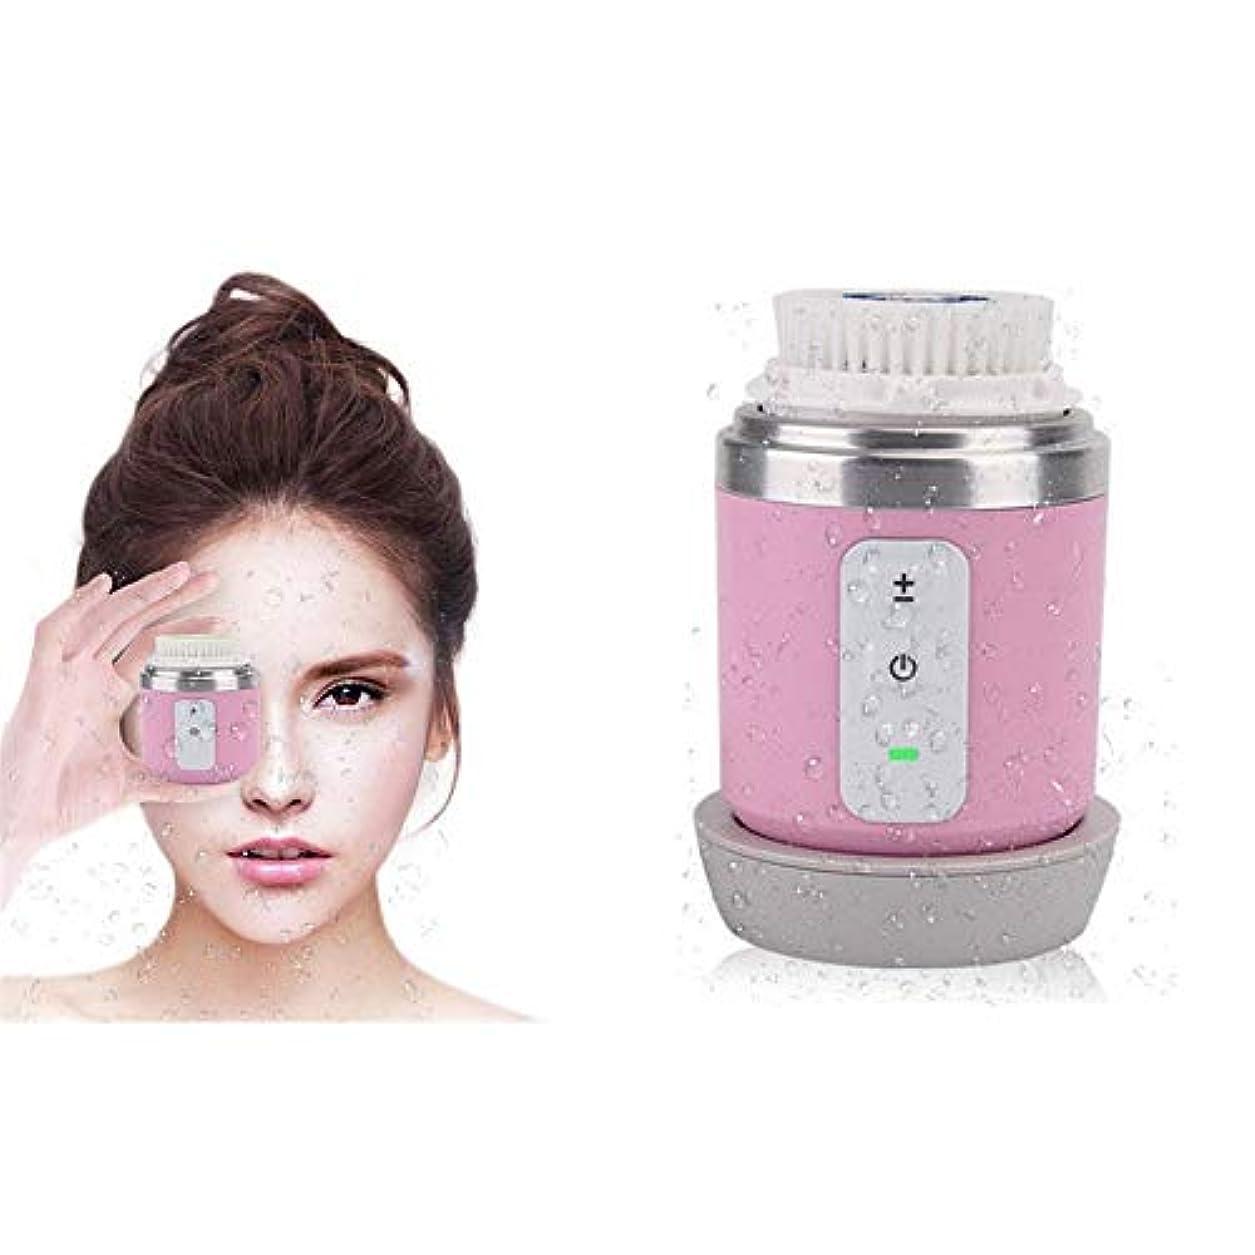 より銀河期限フェイシャル?クレンザーブラシ、電動洗顔ブラシ、エクスフォリエイティングとブラックヘッドのためにブラックヘッドシリコーン美容インストゥルメントアプライアンスに防水クレンジング器振動クリーナー毛穴